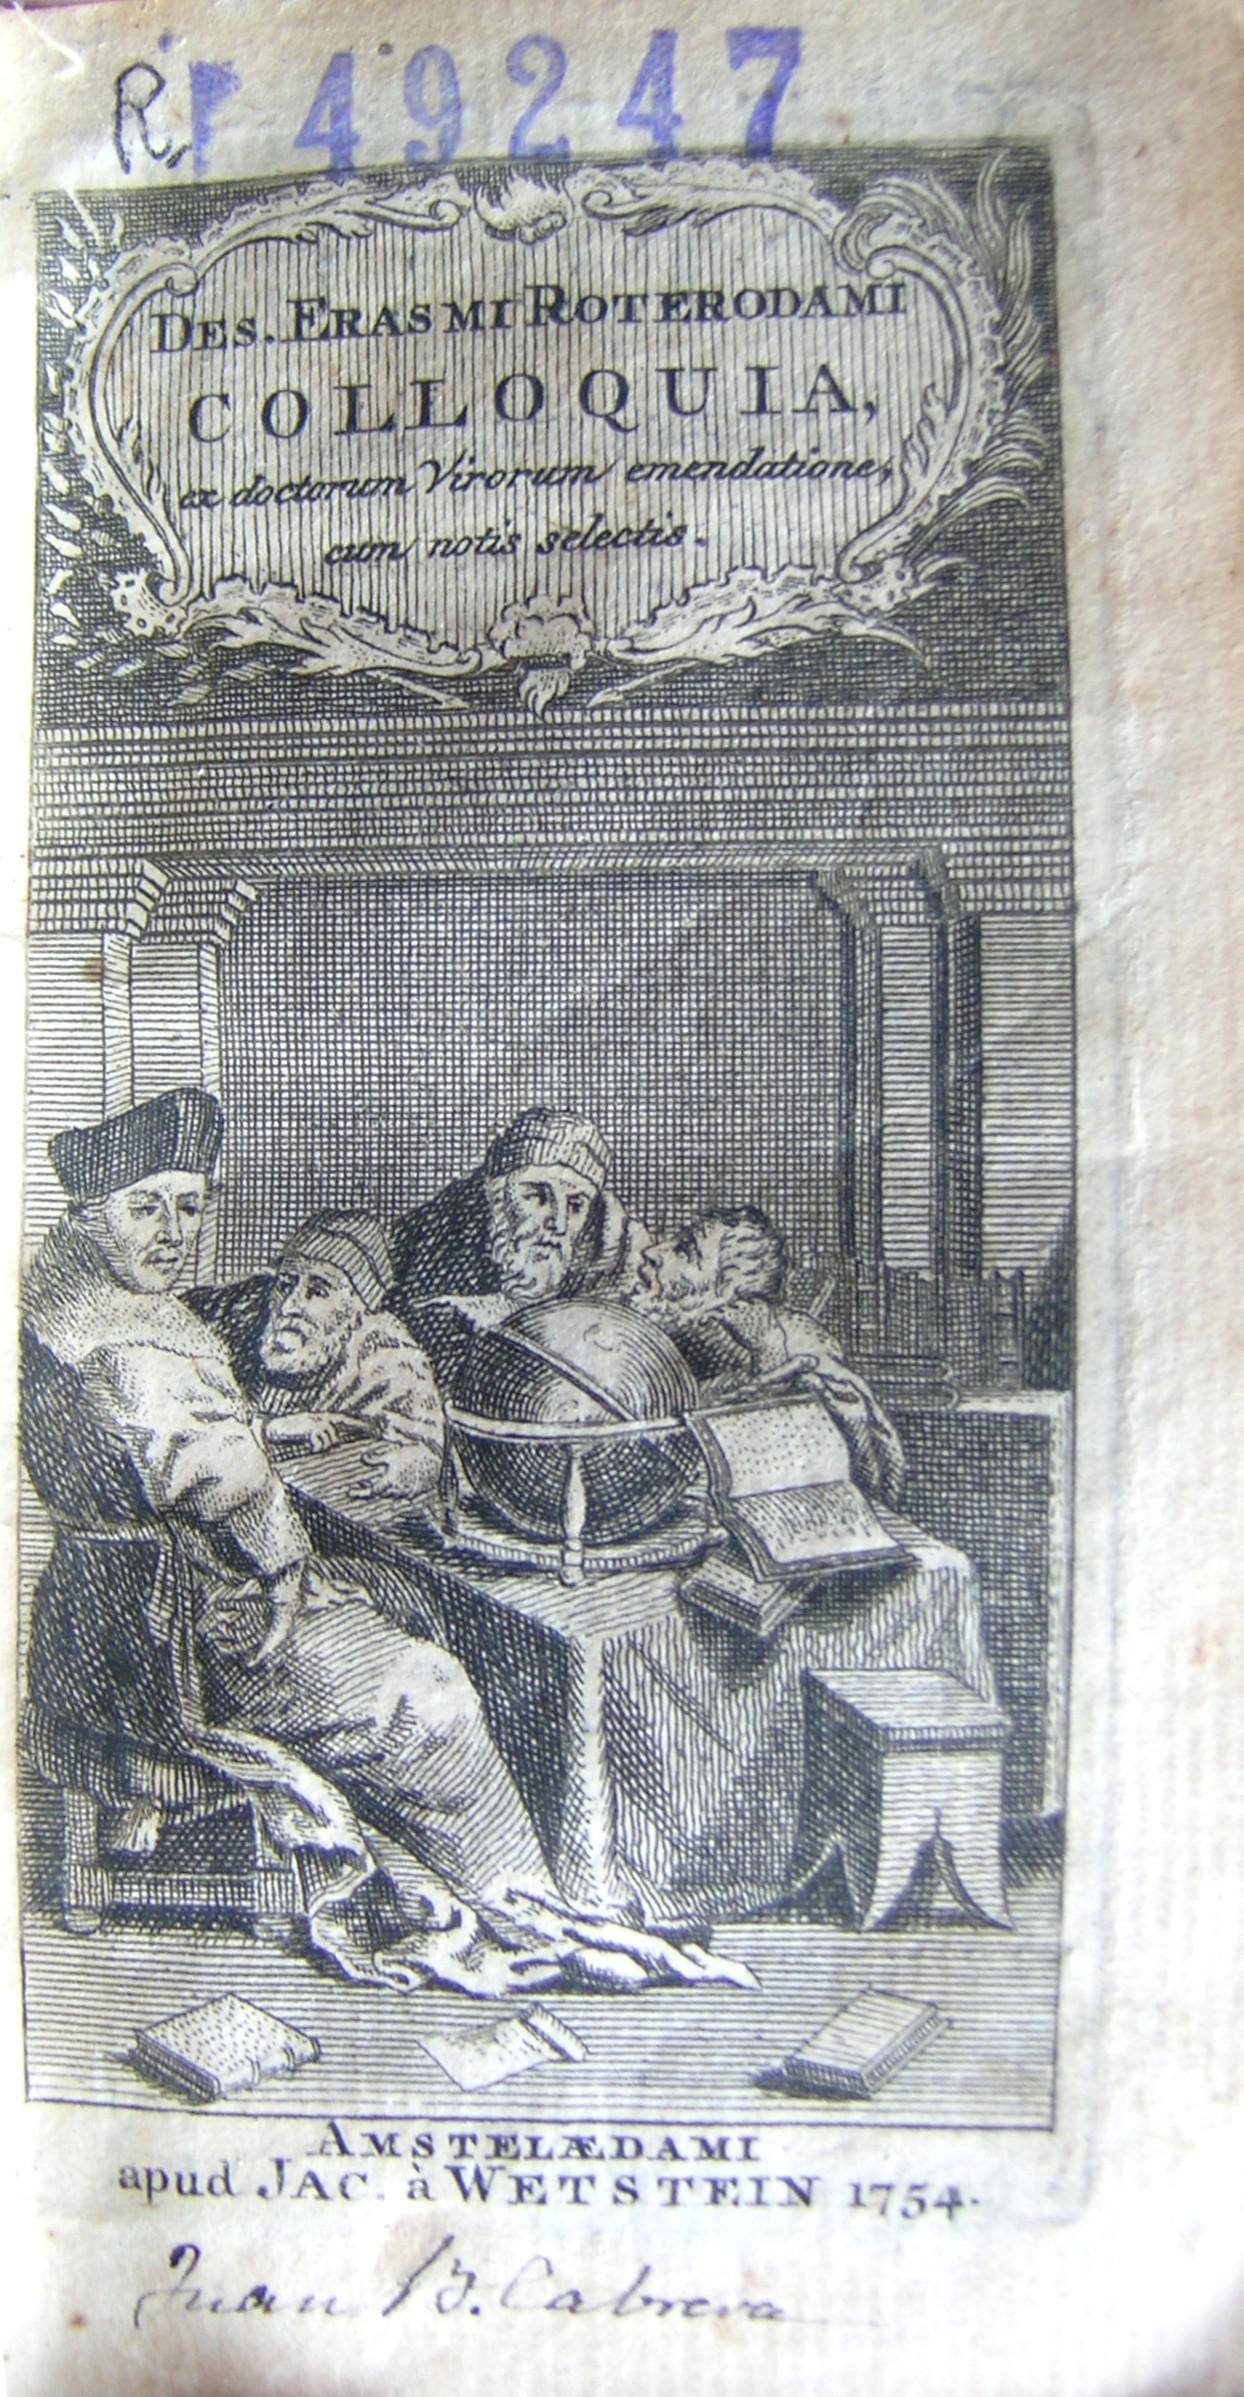 Colloquia, 1754